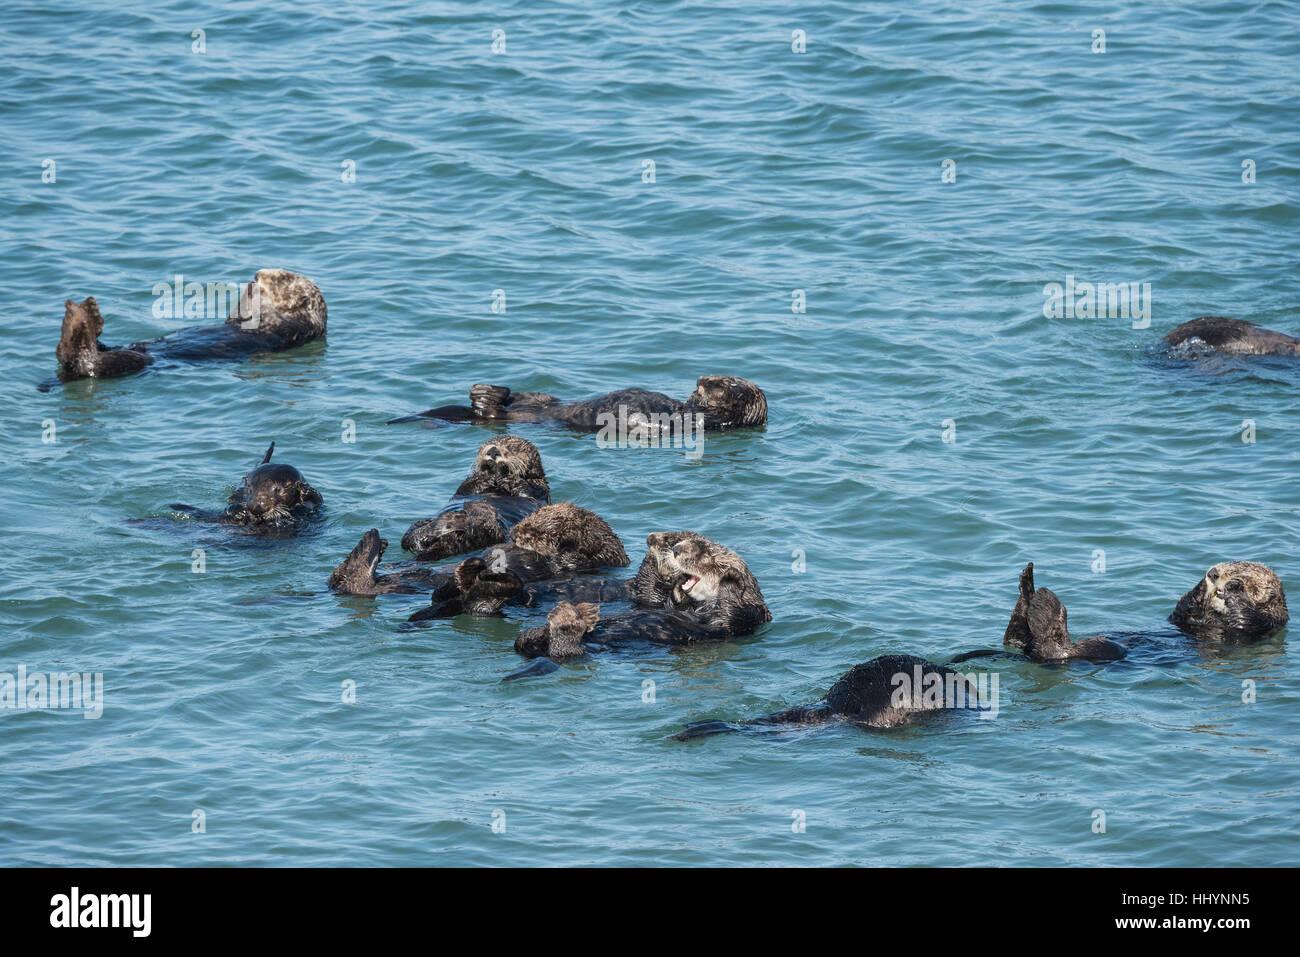 California nutrias de mar o nutrias de mar del sur, Enhydra lutris nereis ( amenazado ), descansando en una balsa, Elkhorn Slough, Moss Landing, California, EE.UU. Foto de stock